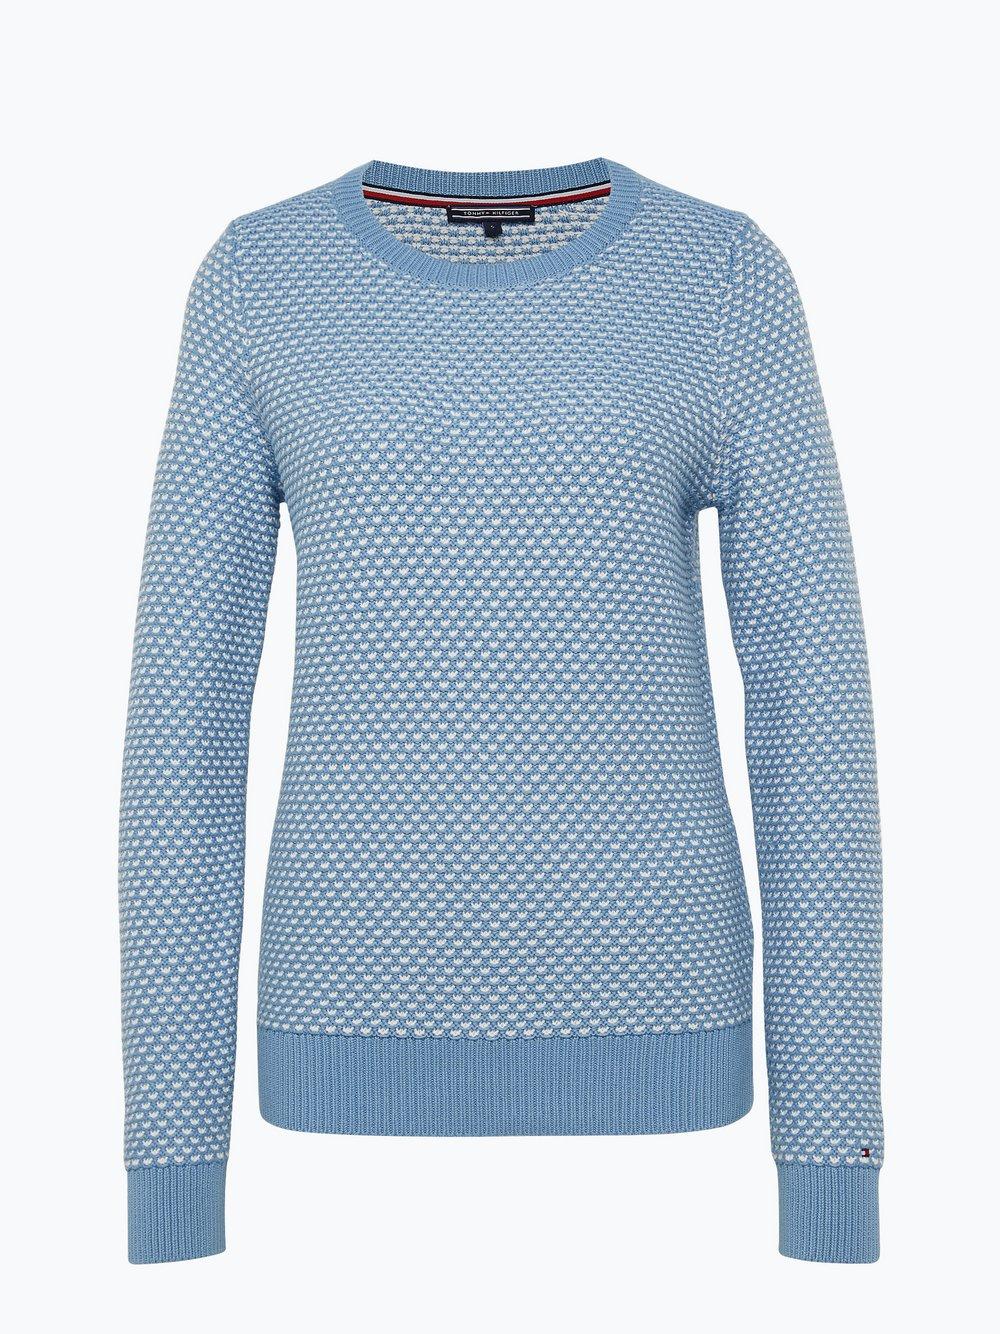 Tommy Hilfiger Damen Pullover Bilka Online Kaufen Peek Und